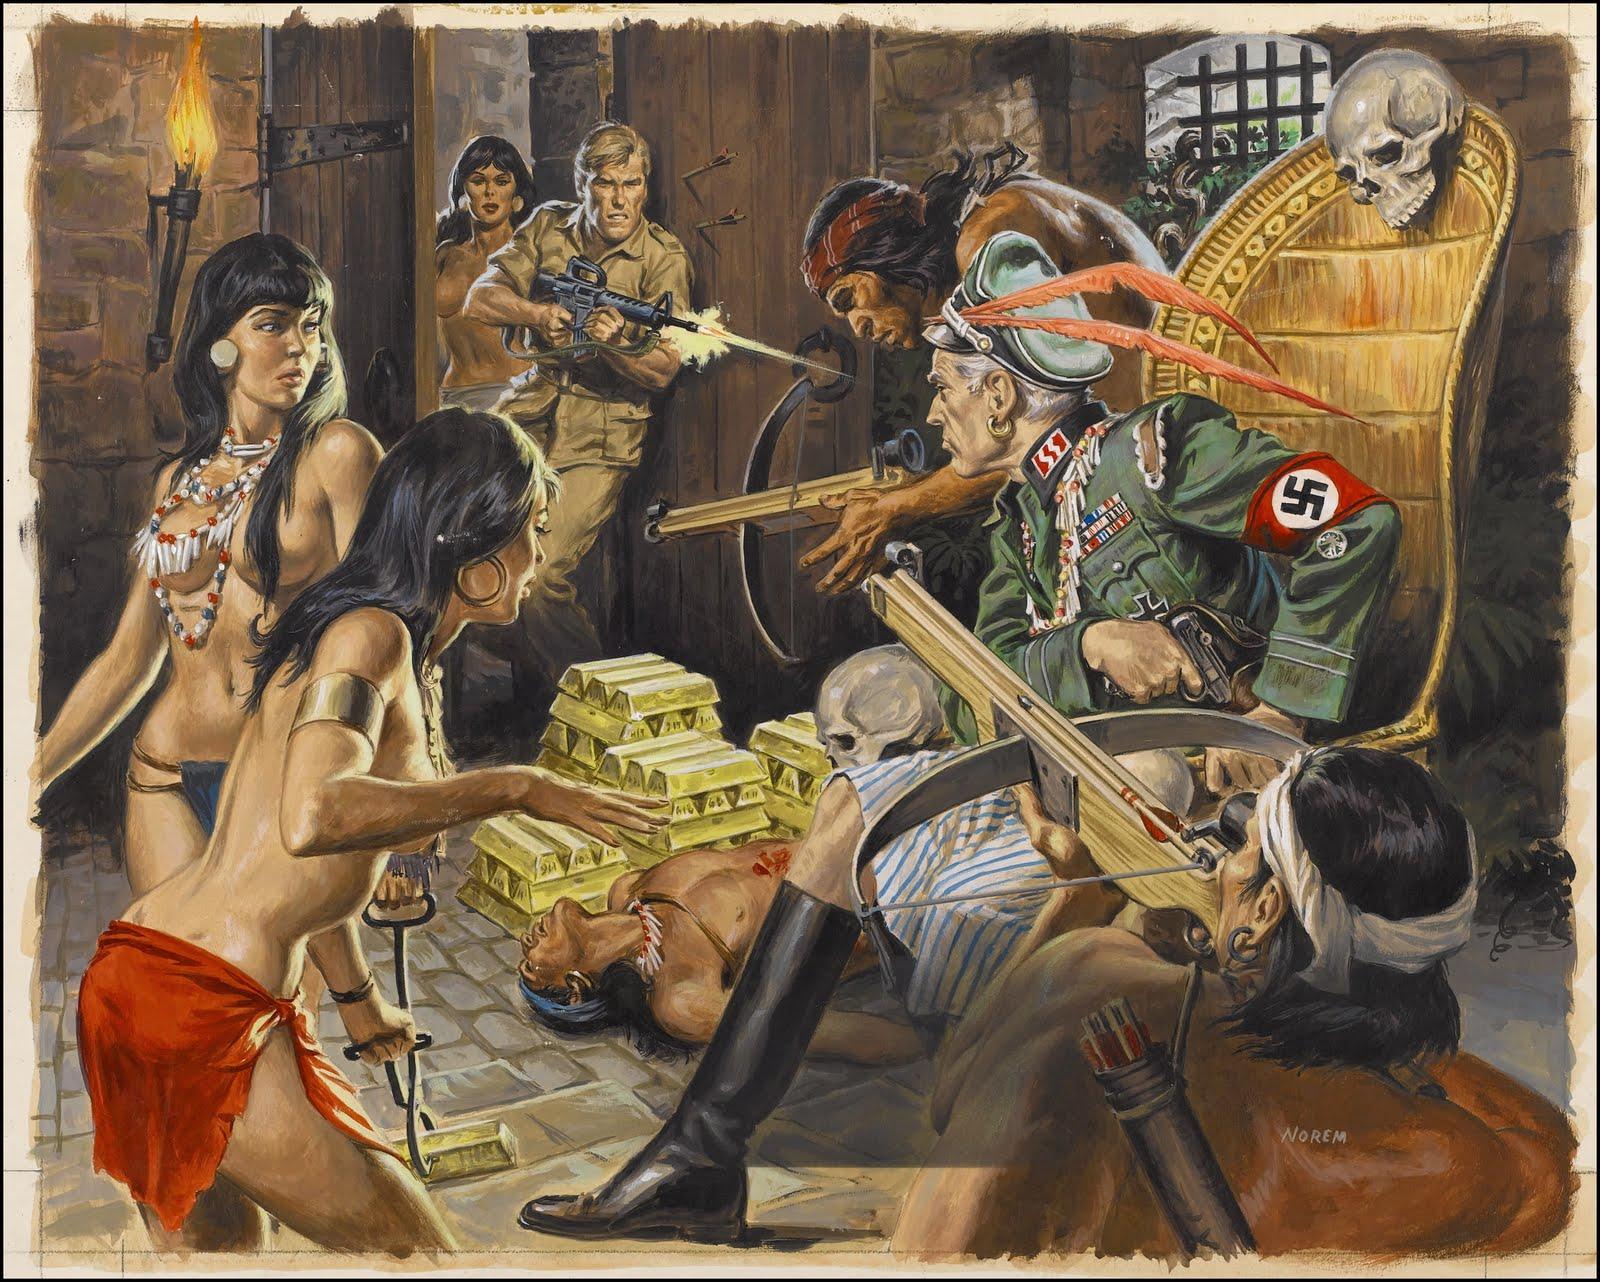 Фото издевательств фашистов над женщинами фото 6 фотография